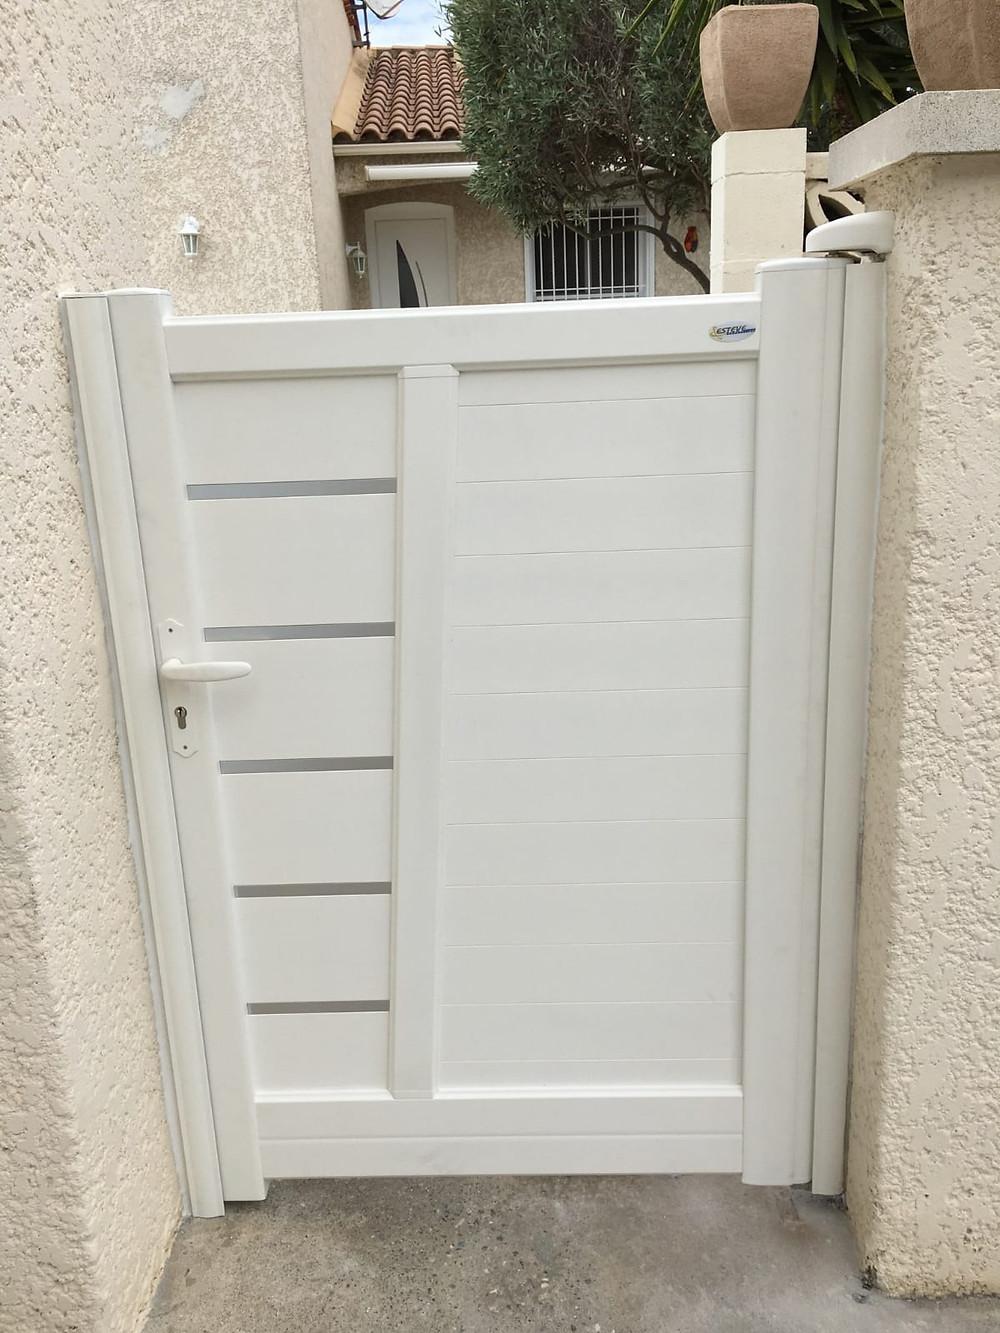 Pose d'un portillon en aluminium blanc